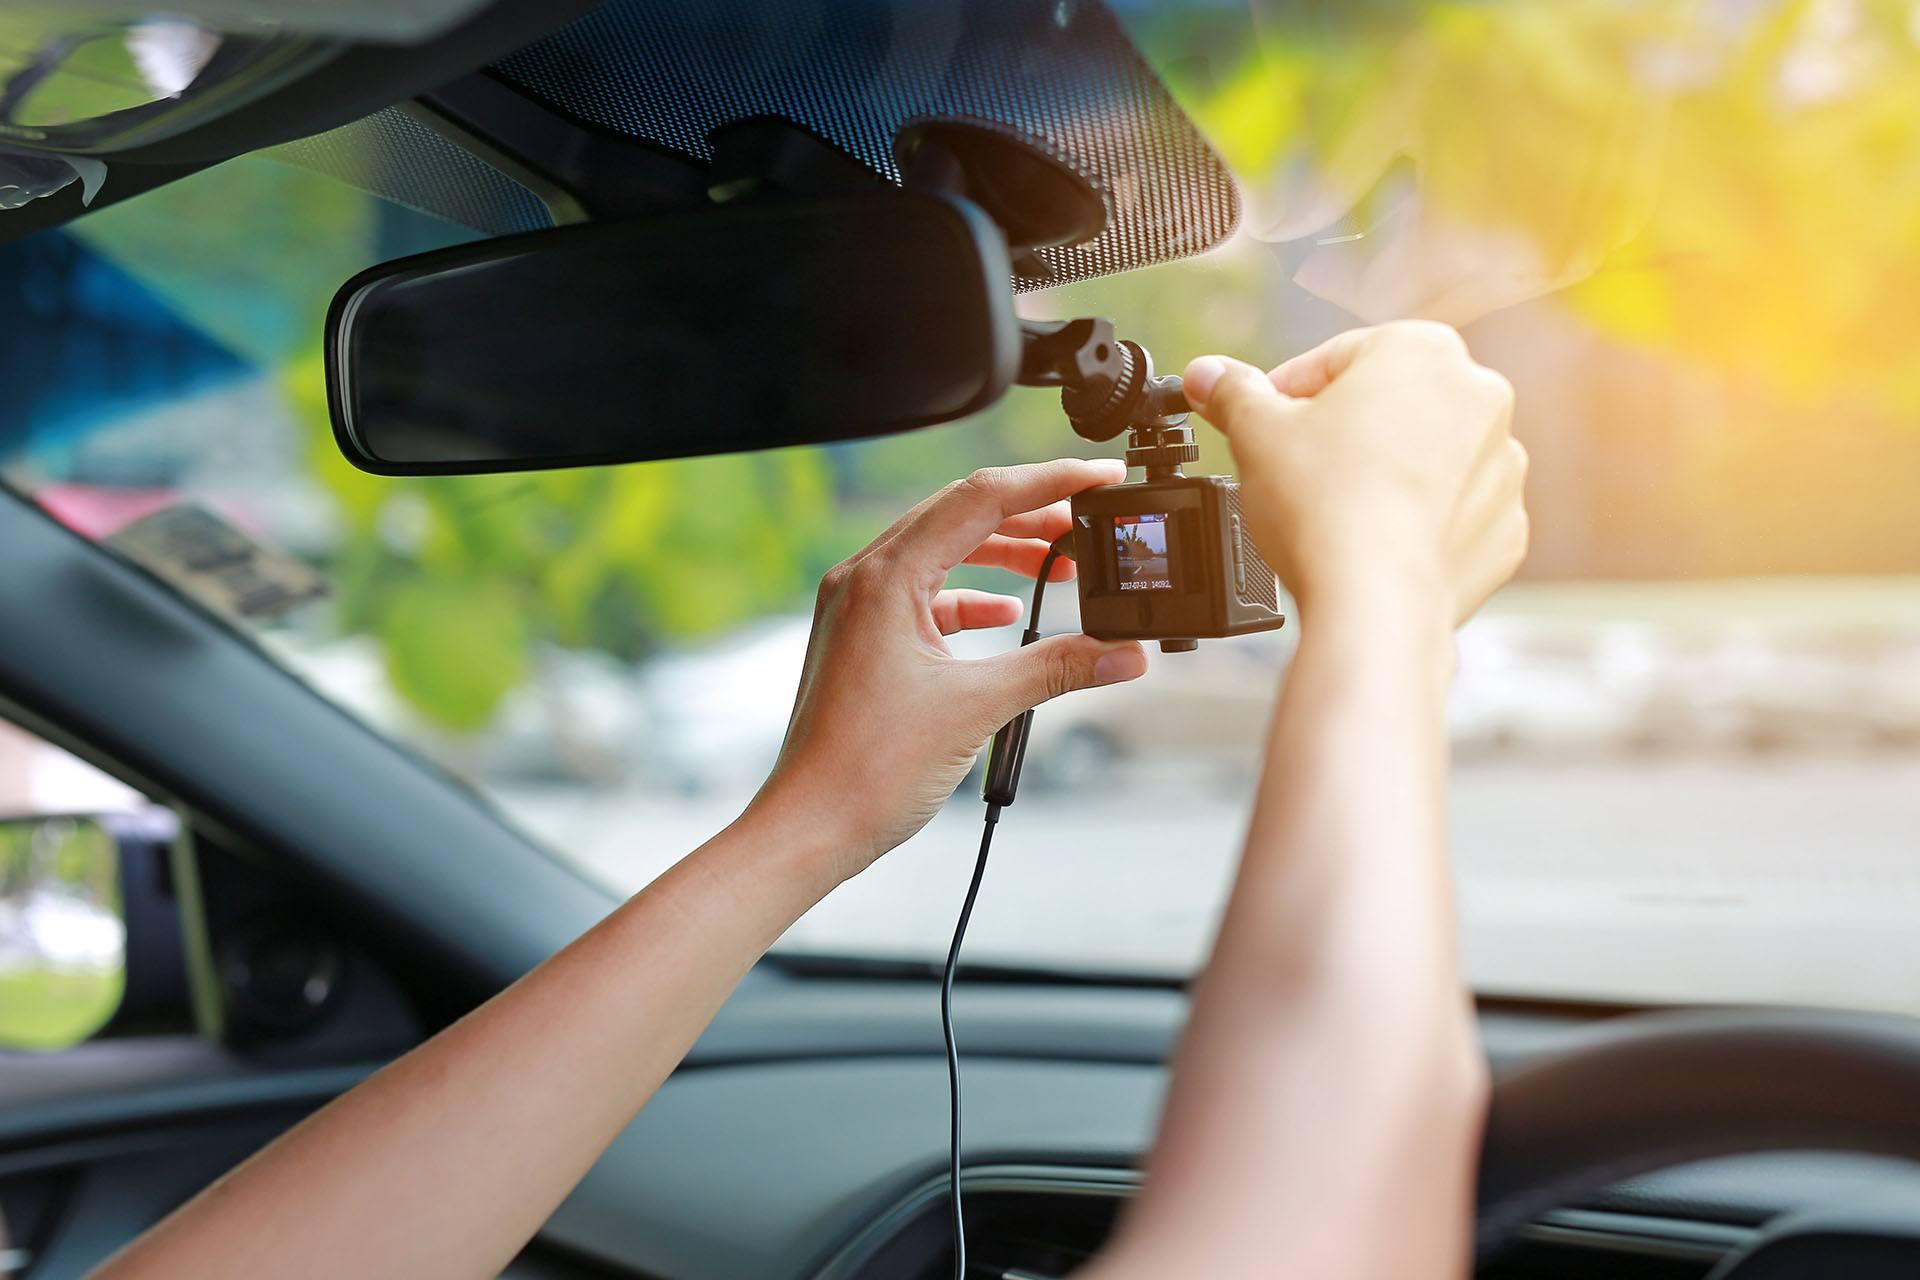 Caméras embarquées : bientôt obligatoires dans nos voitures ?